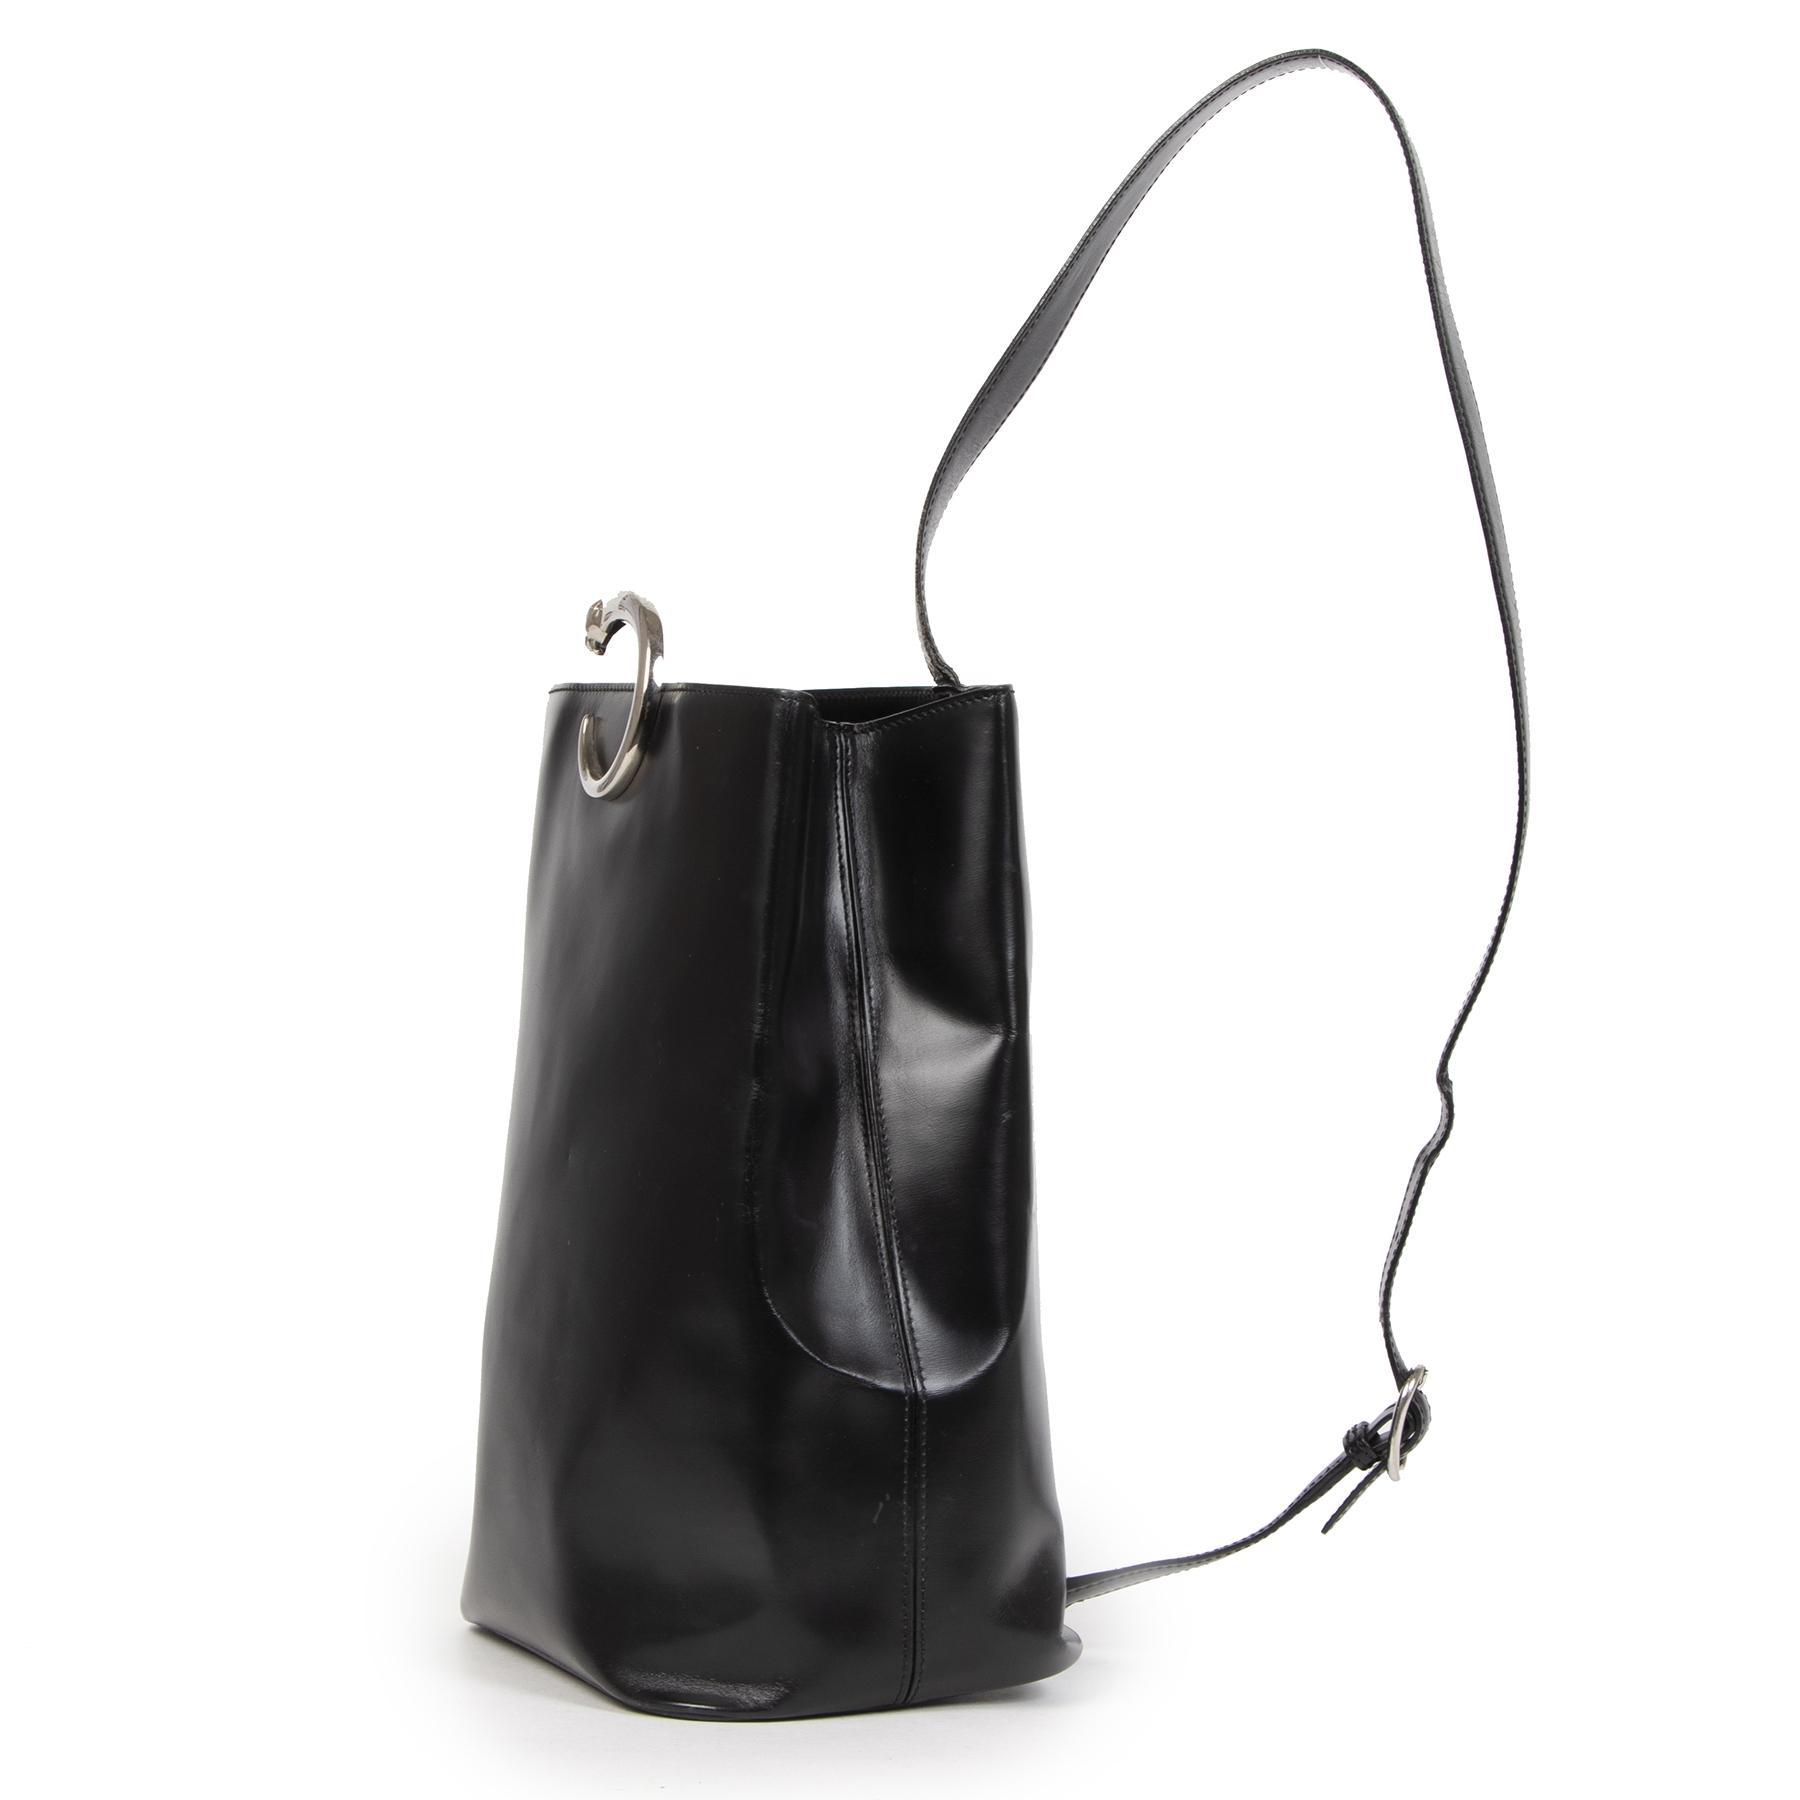 Cartier Black Panthère Sling Bag pour le meilleur prix chez Labellov à Anvers